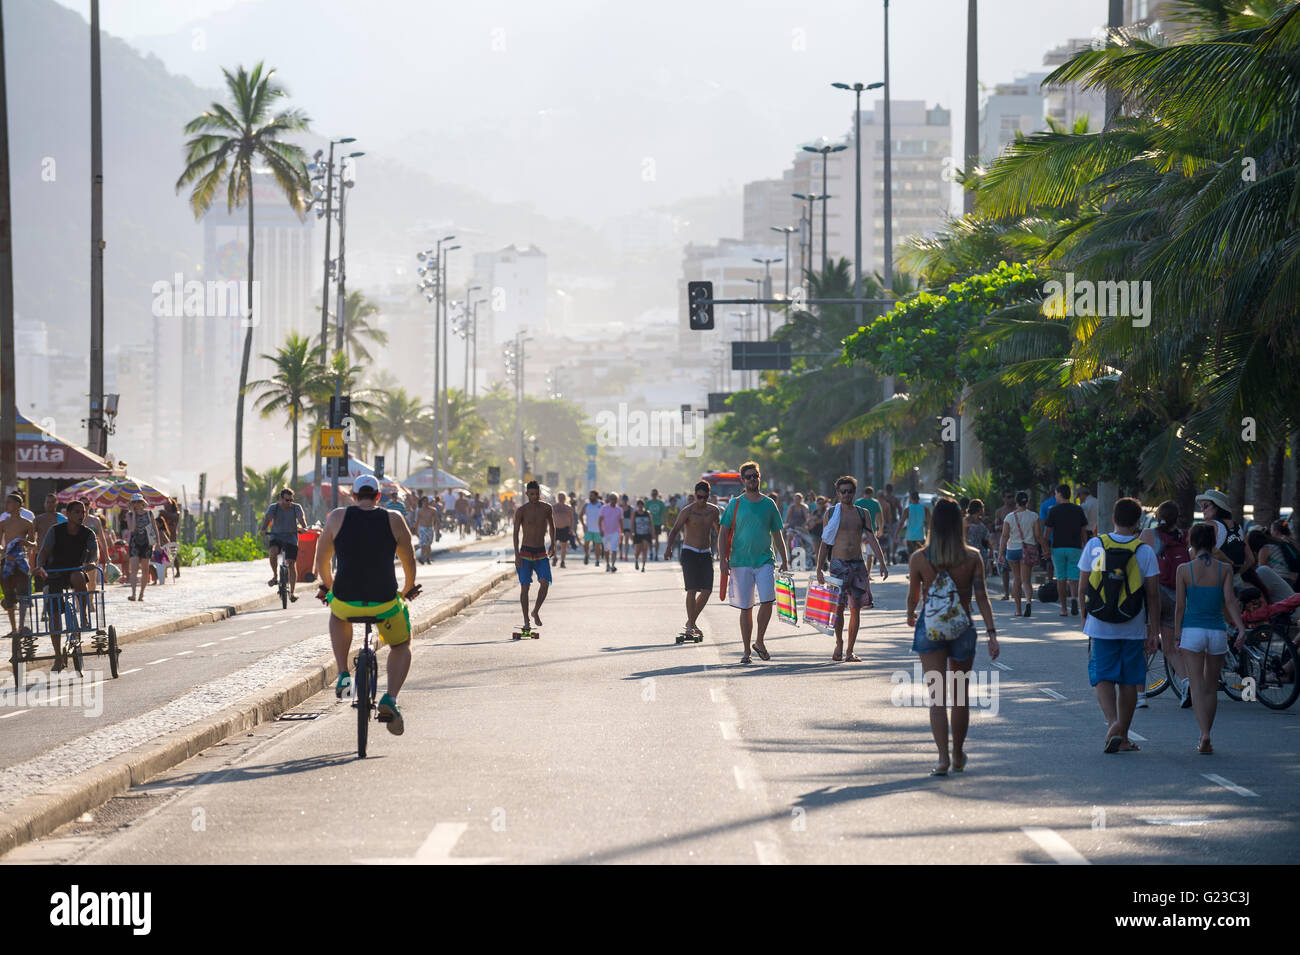 RIO DE JANEIRO - Marzo 6, 2016: Los ciclistas comparten la libre de coches La Avenida Vieira Souto calle con peatones Imagen De Stock